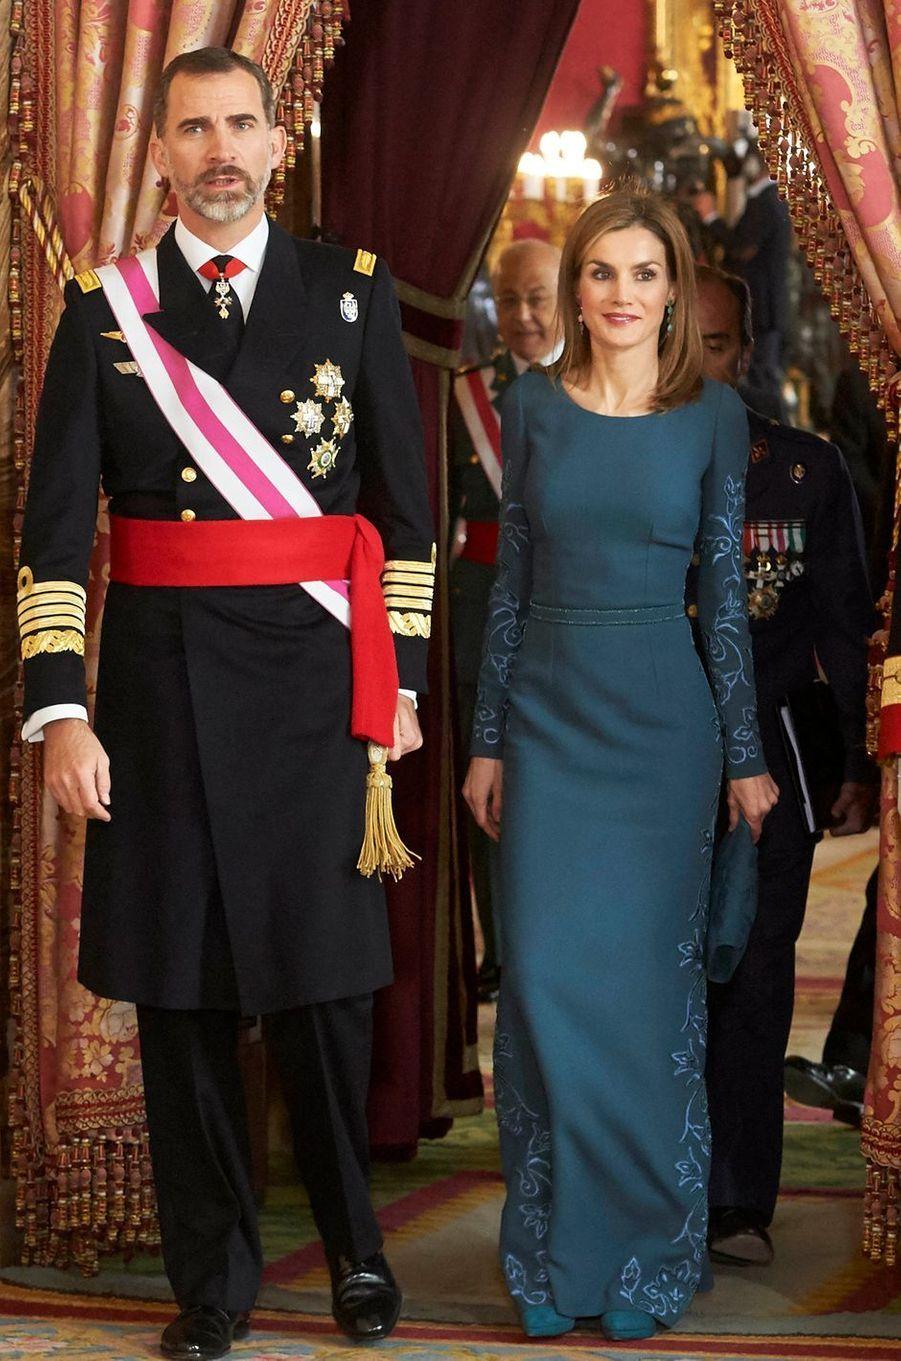 Le look de la reine Letizia d'Espagne à la Pascua Militar à Madrid le 6 janvier 2015